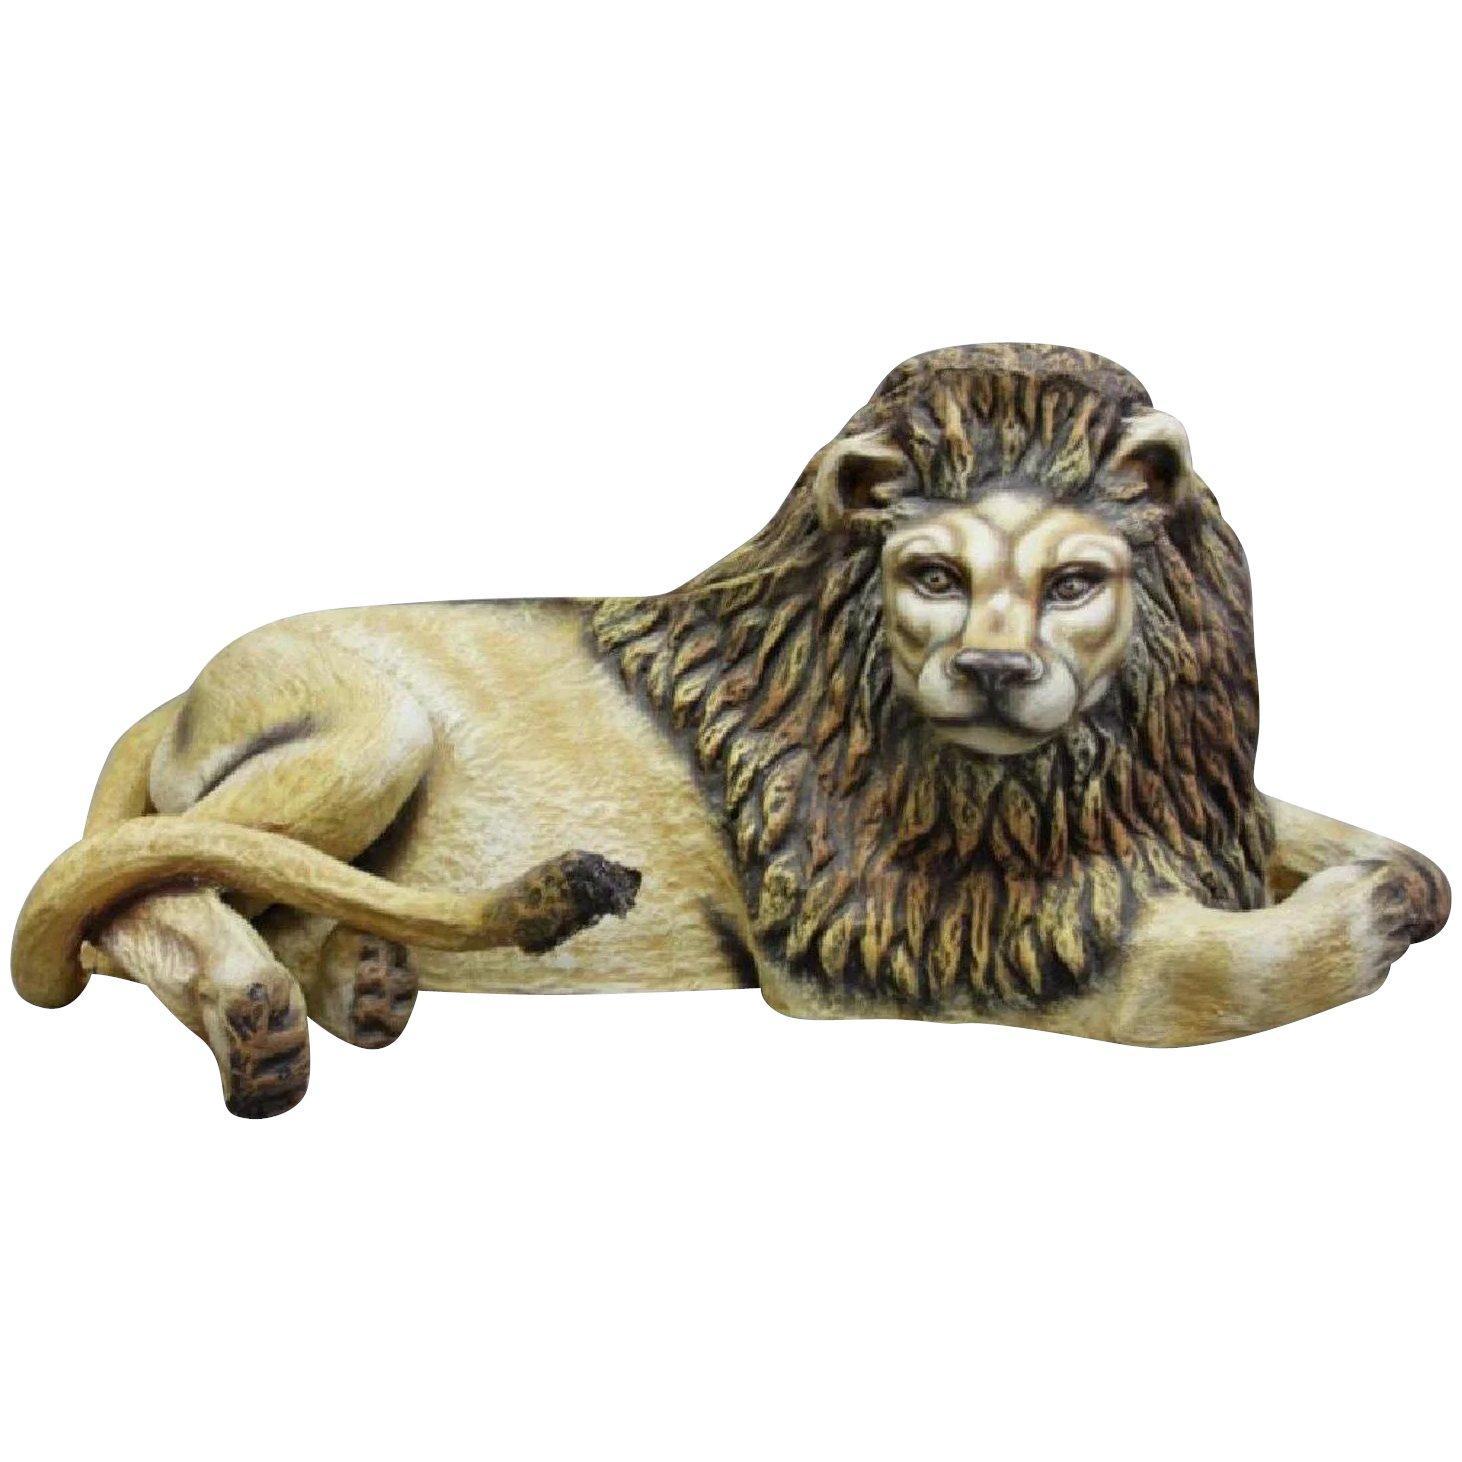 Sergio Bustamante Early Lion Papier-mâché Sculpture Hand-painted, 1975